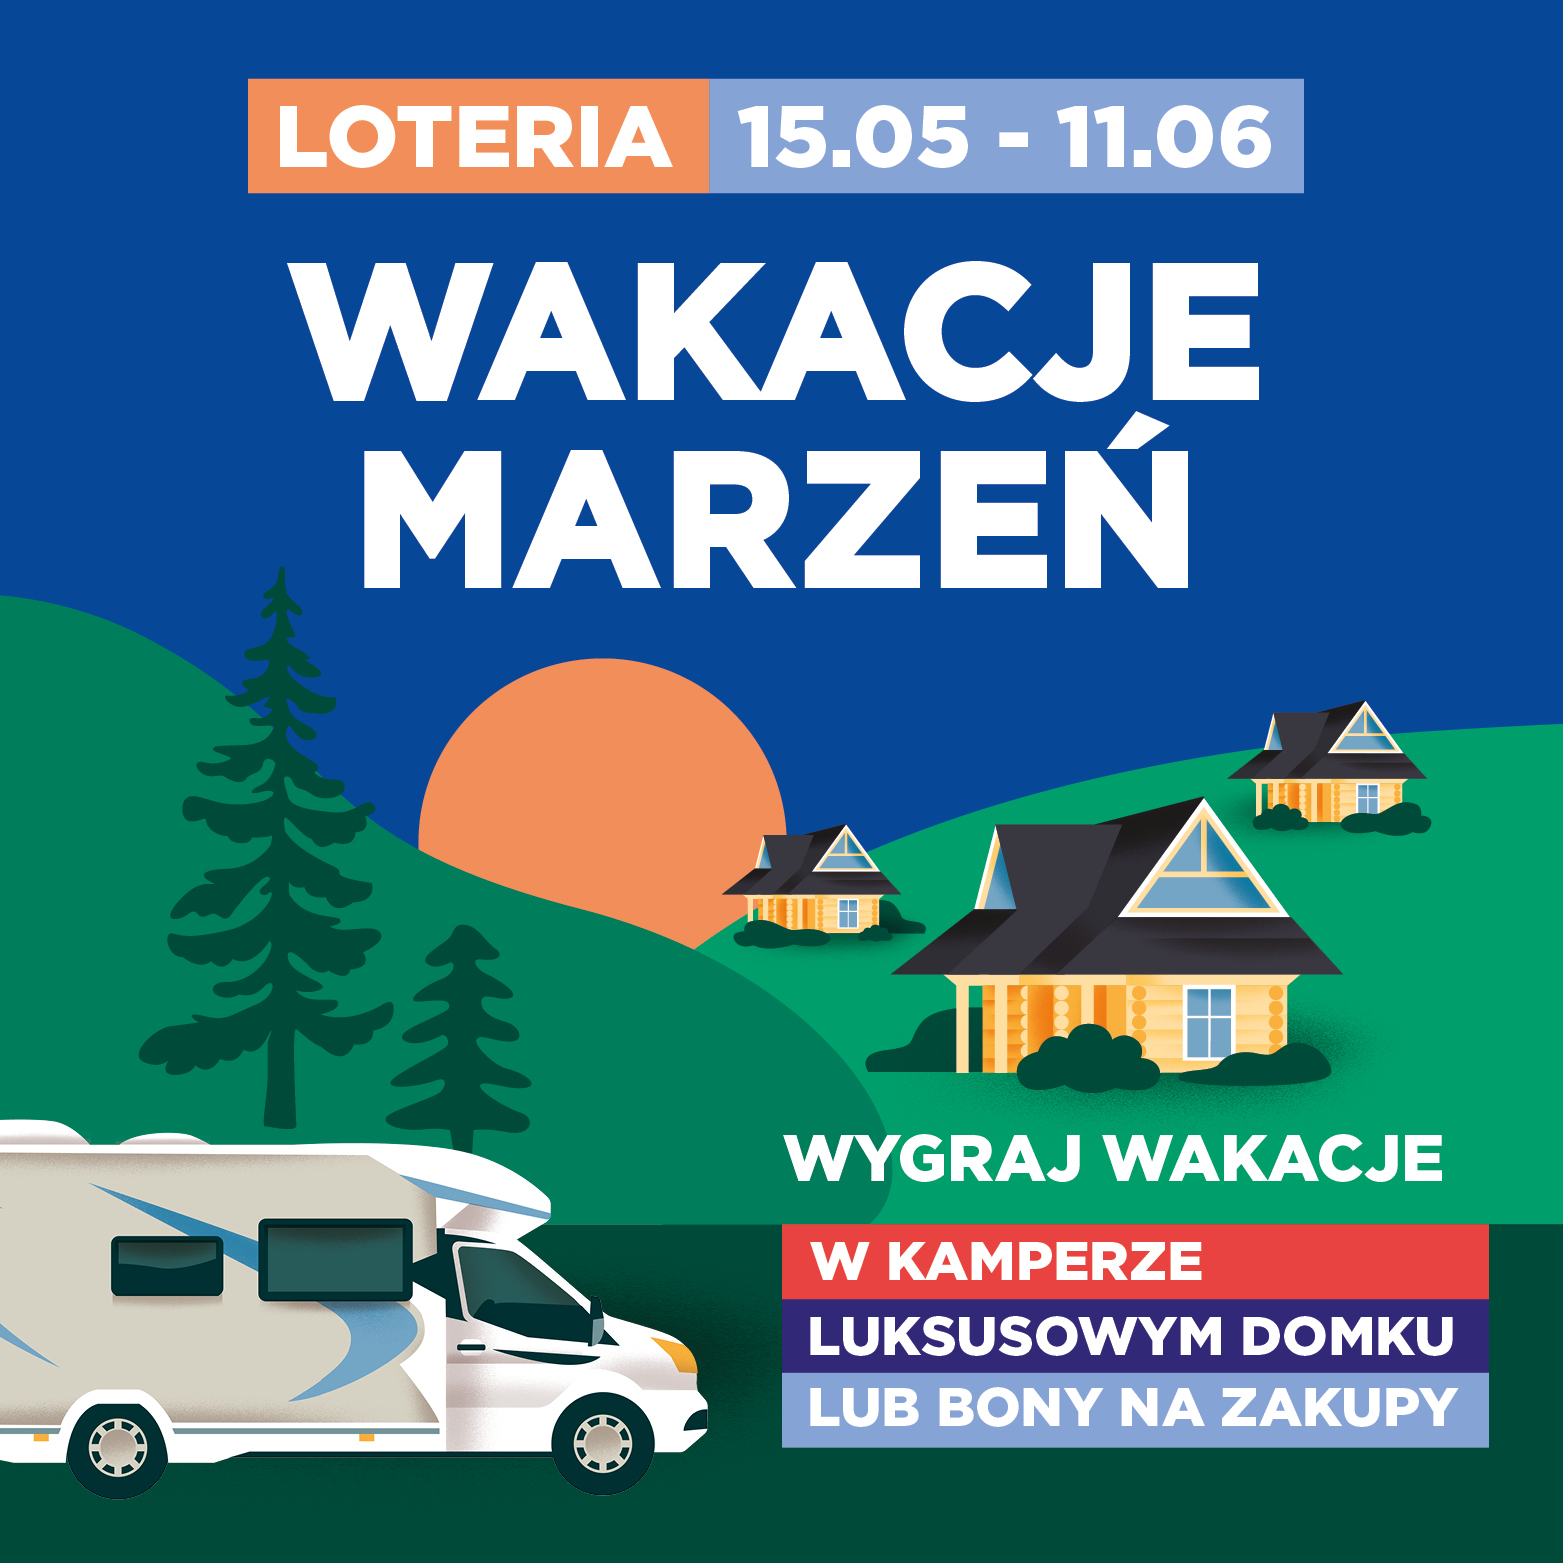 Loteria: Wakacje marzeń zLibero!